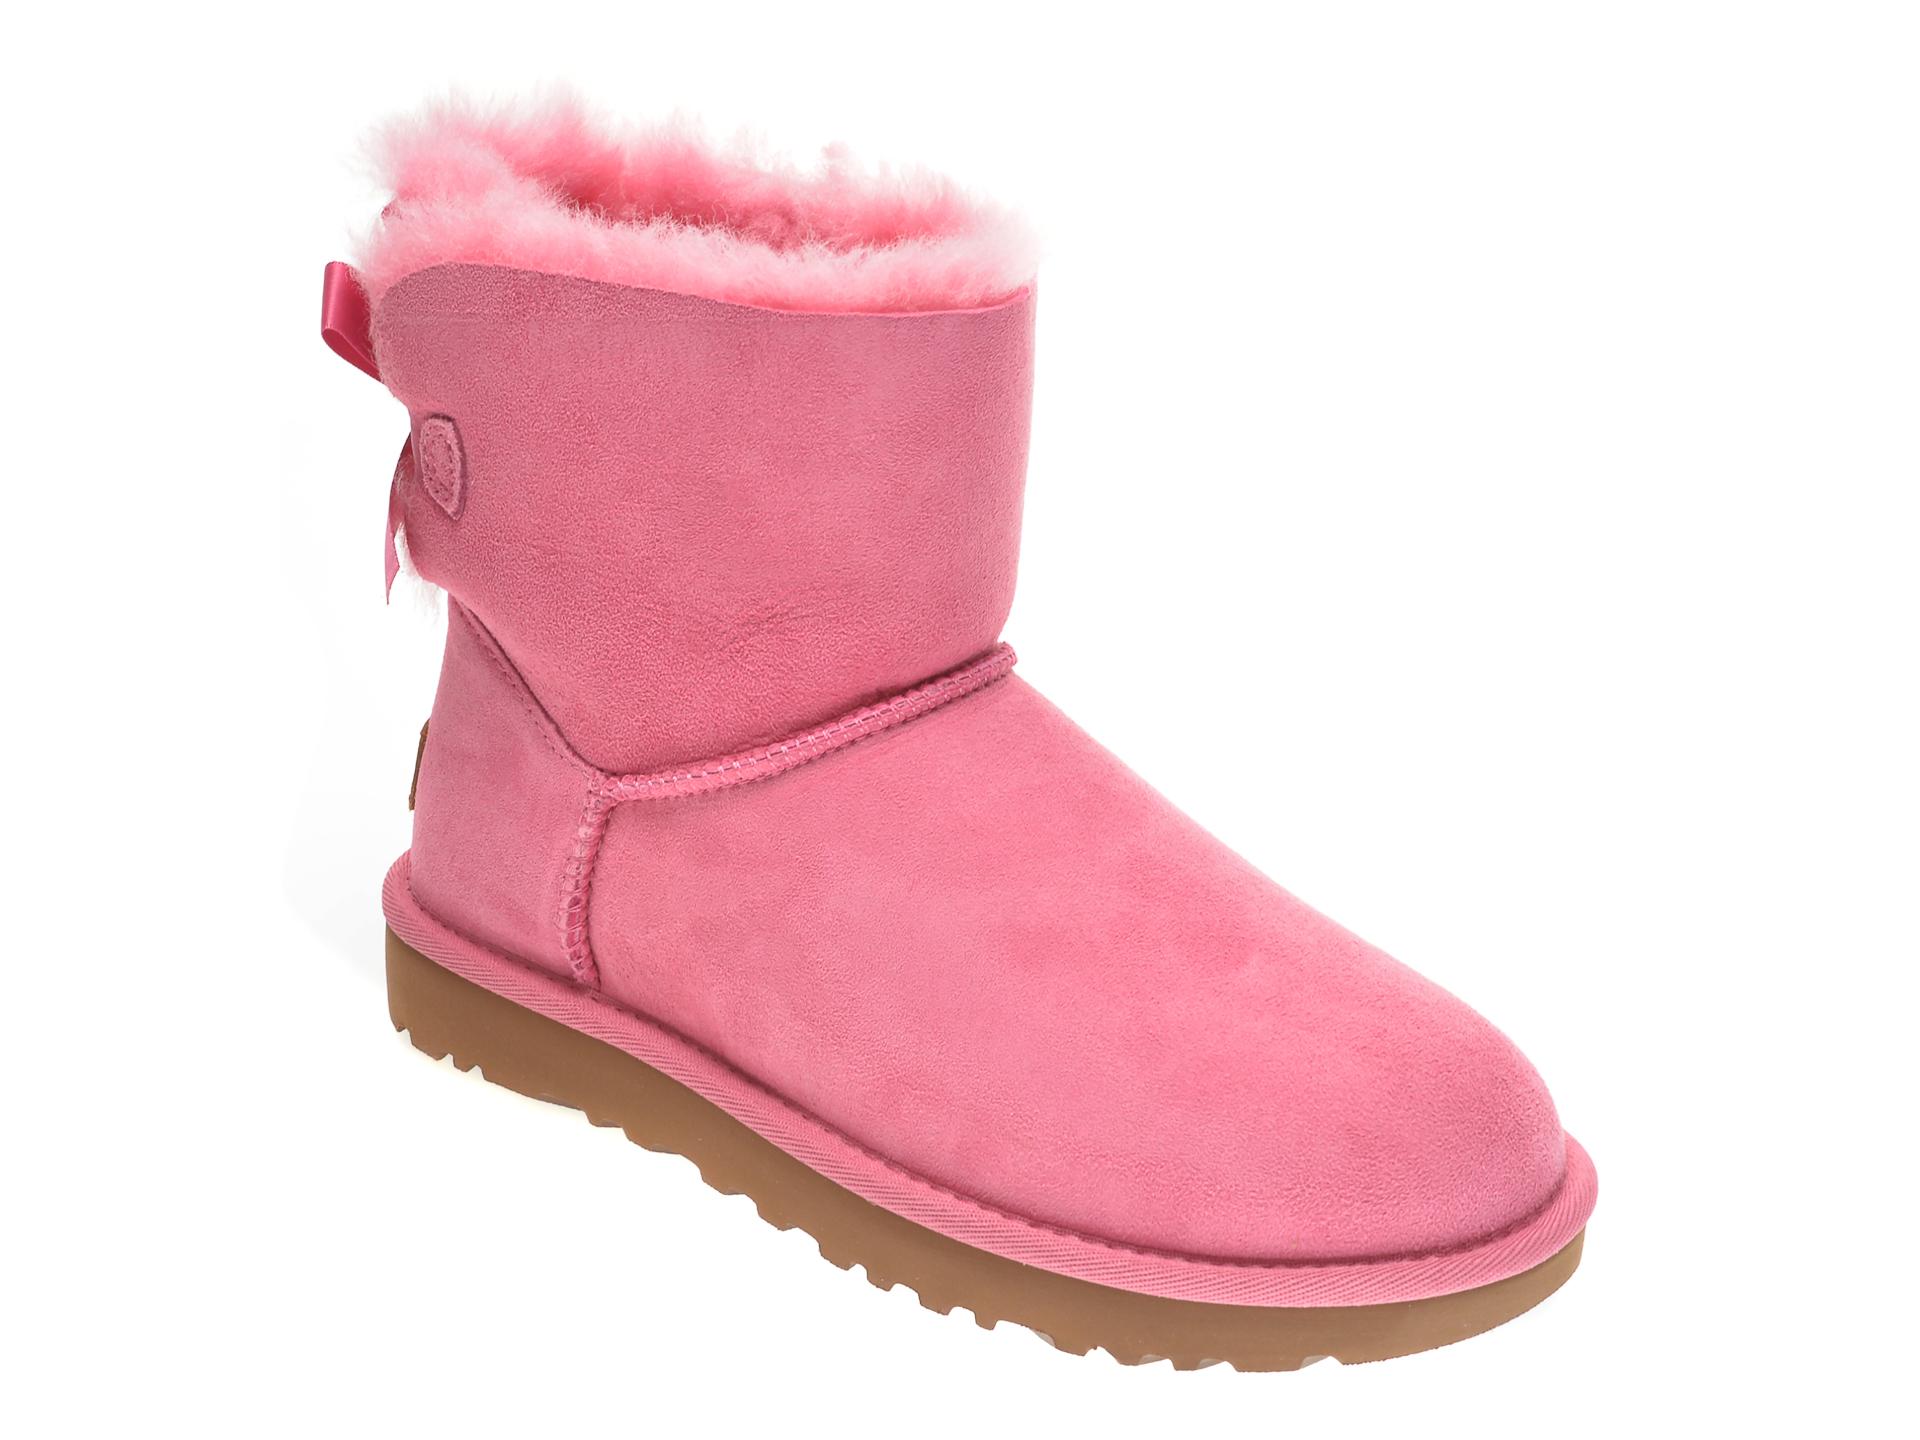 Ghete UGG roz, 1016501, din piele intoarsa New